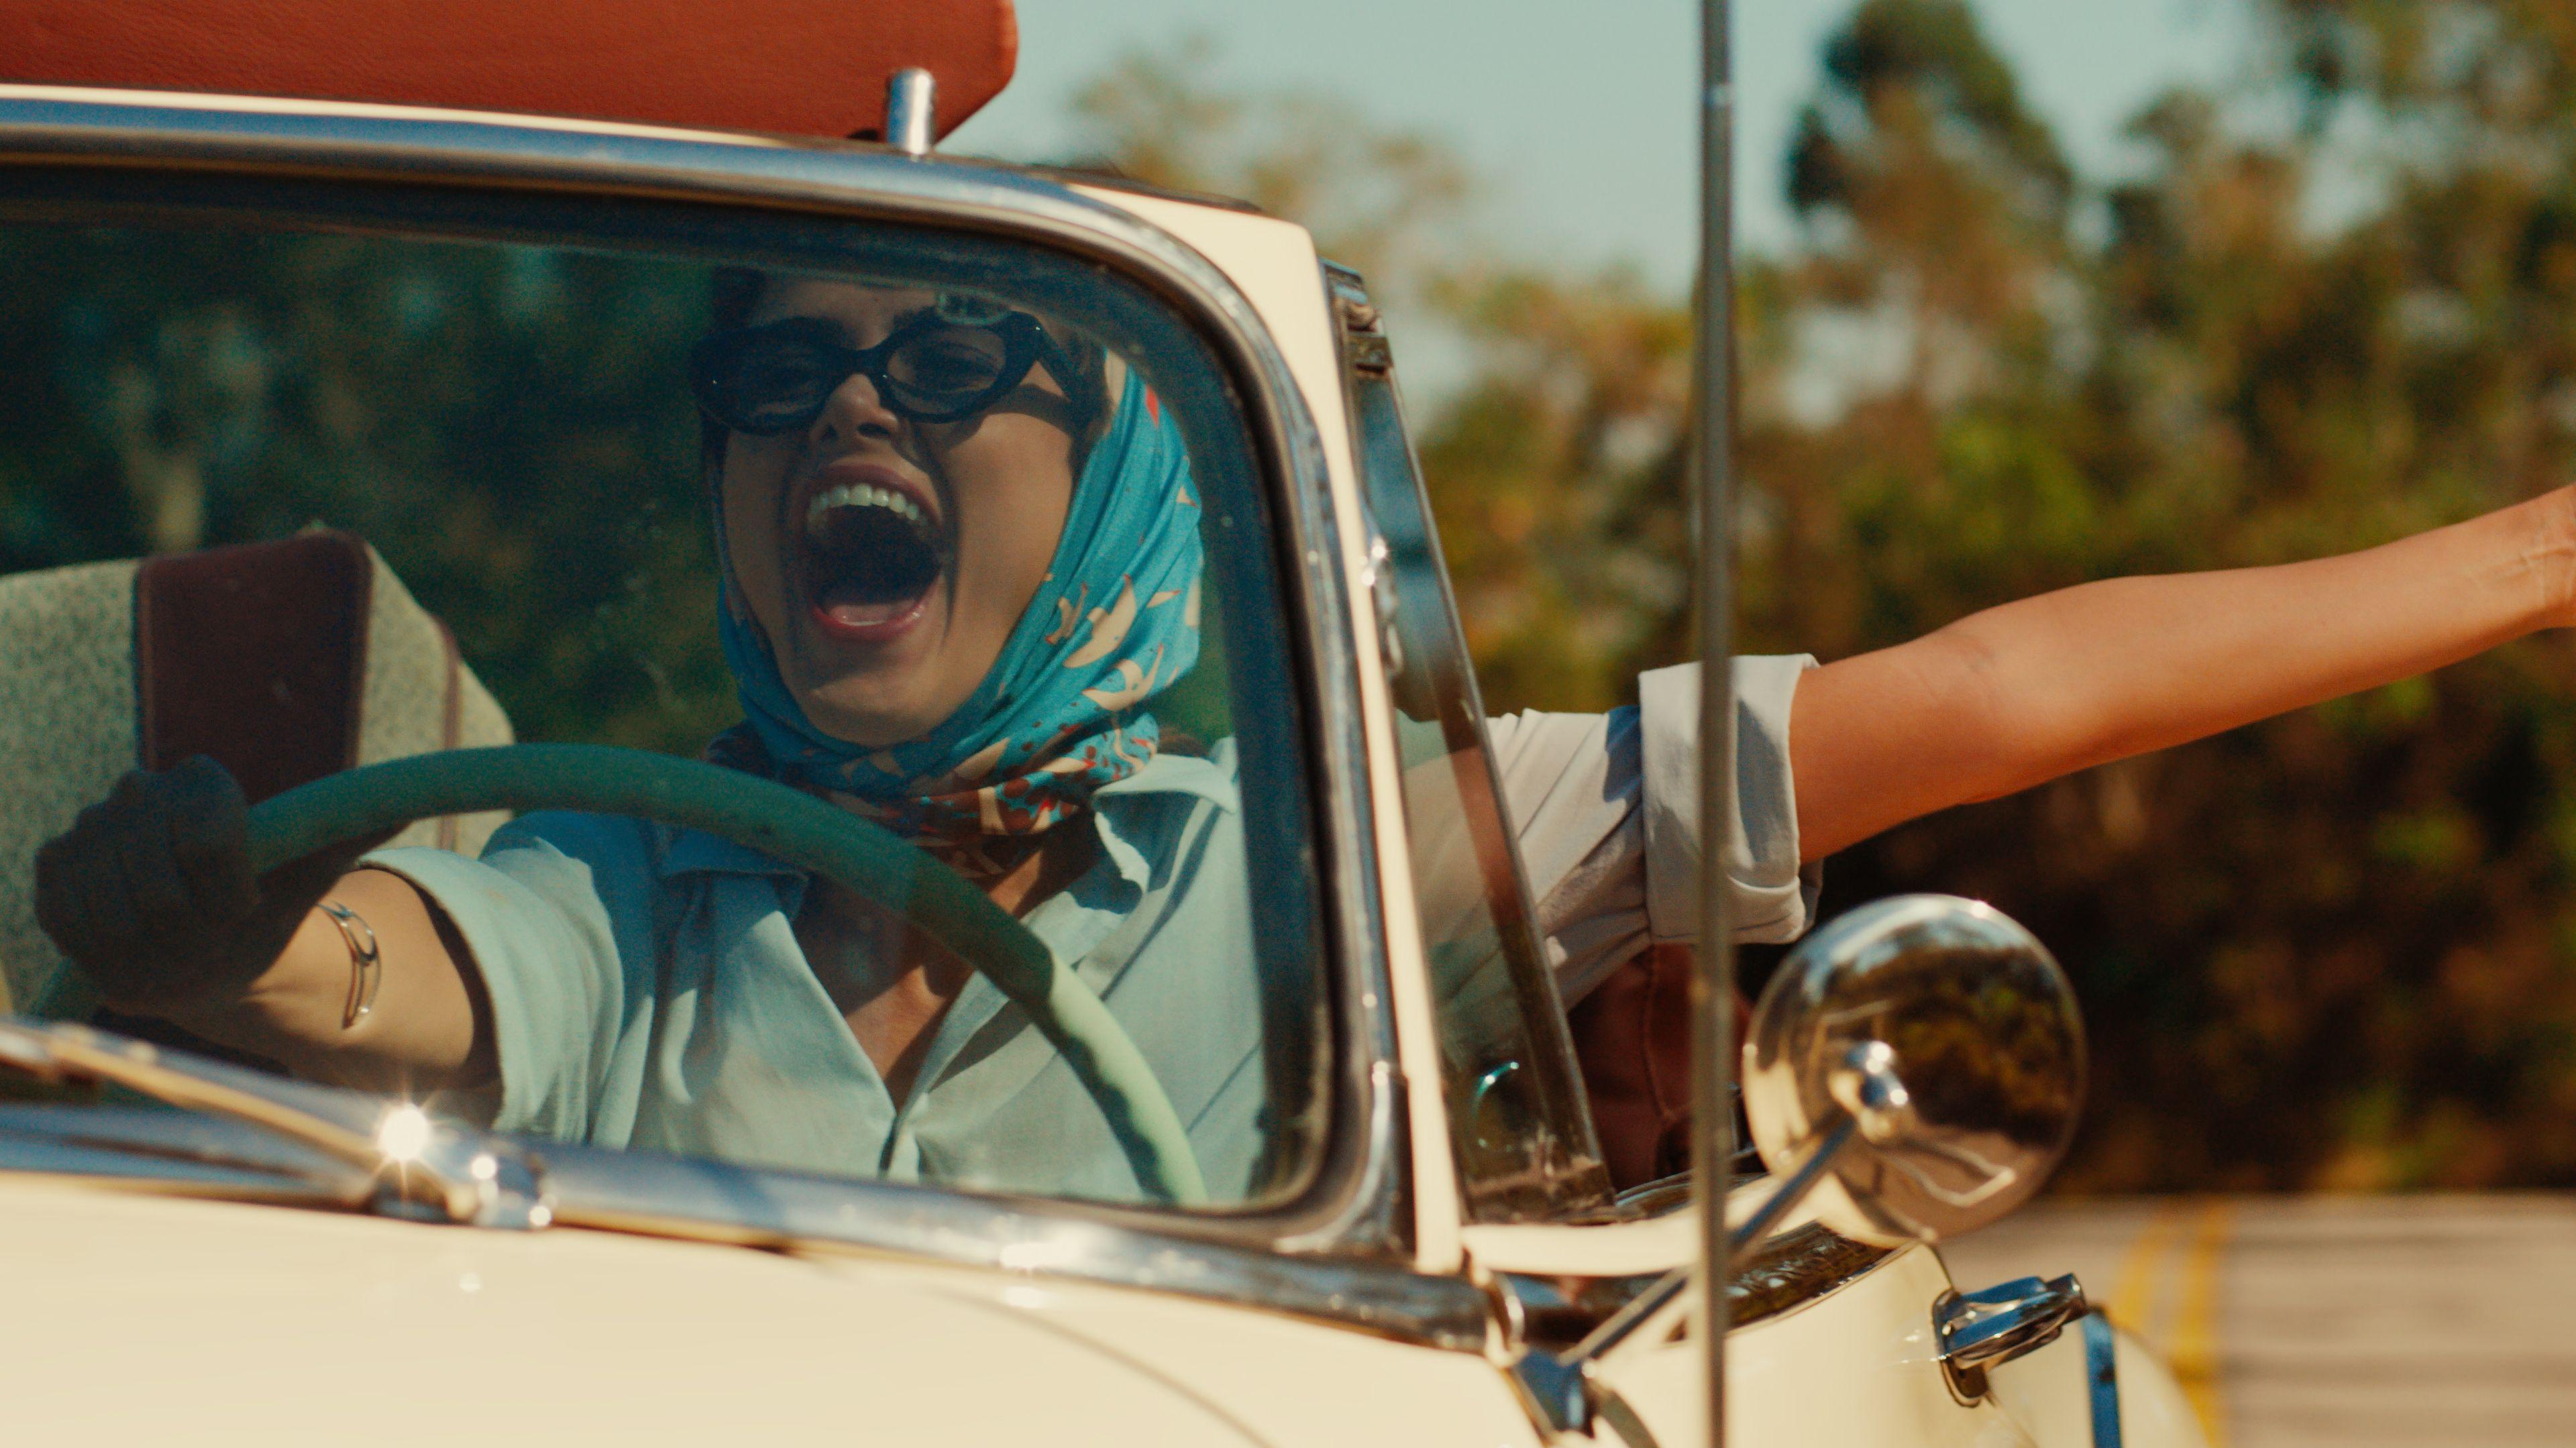 """Maria Luíza fährt im Cabrio der Sonne entgegen in einer Szene der Netflix-Serie """"The Most Beautiful Thing"""""""